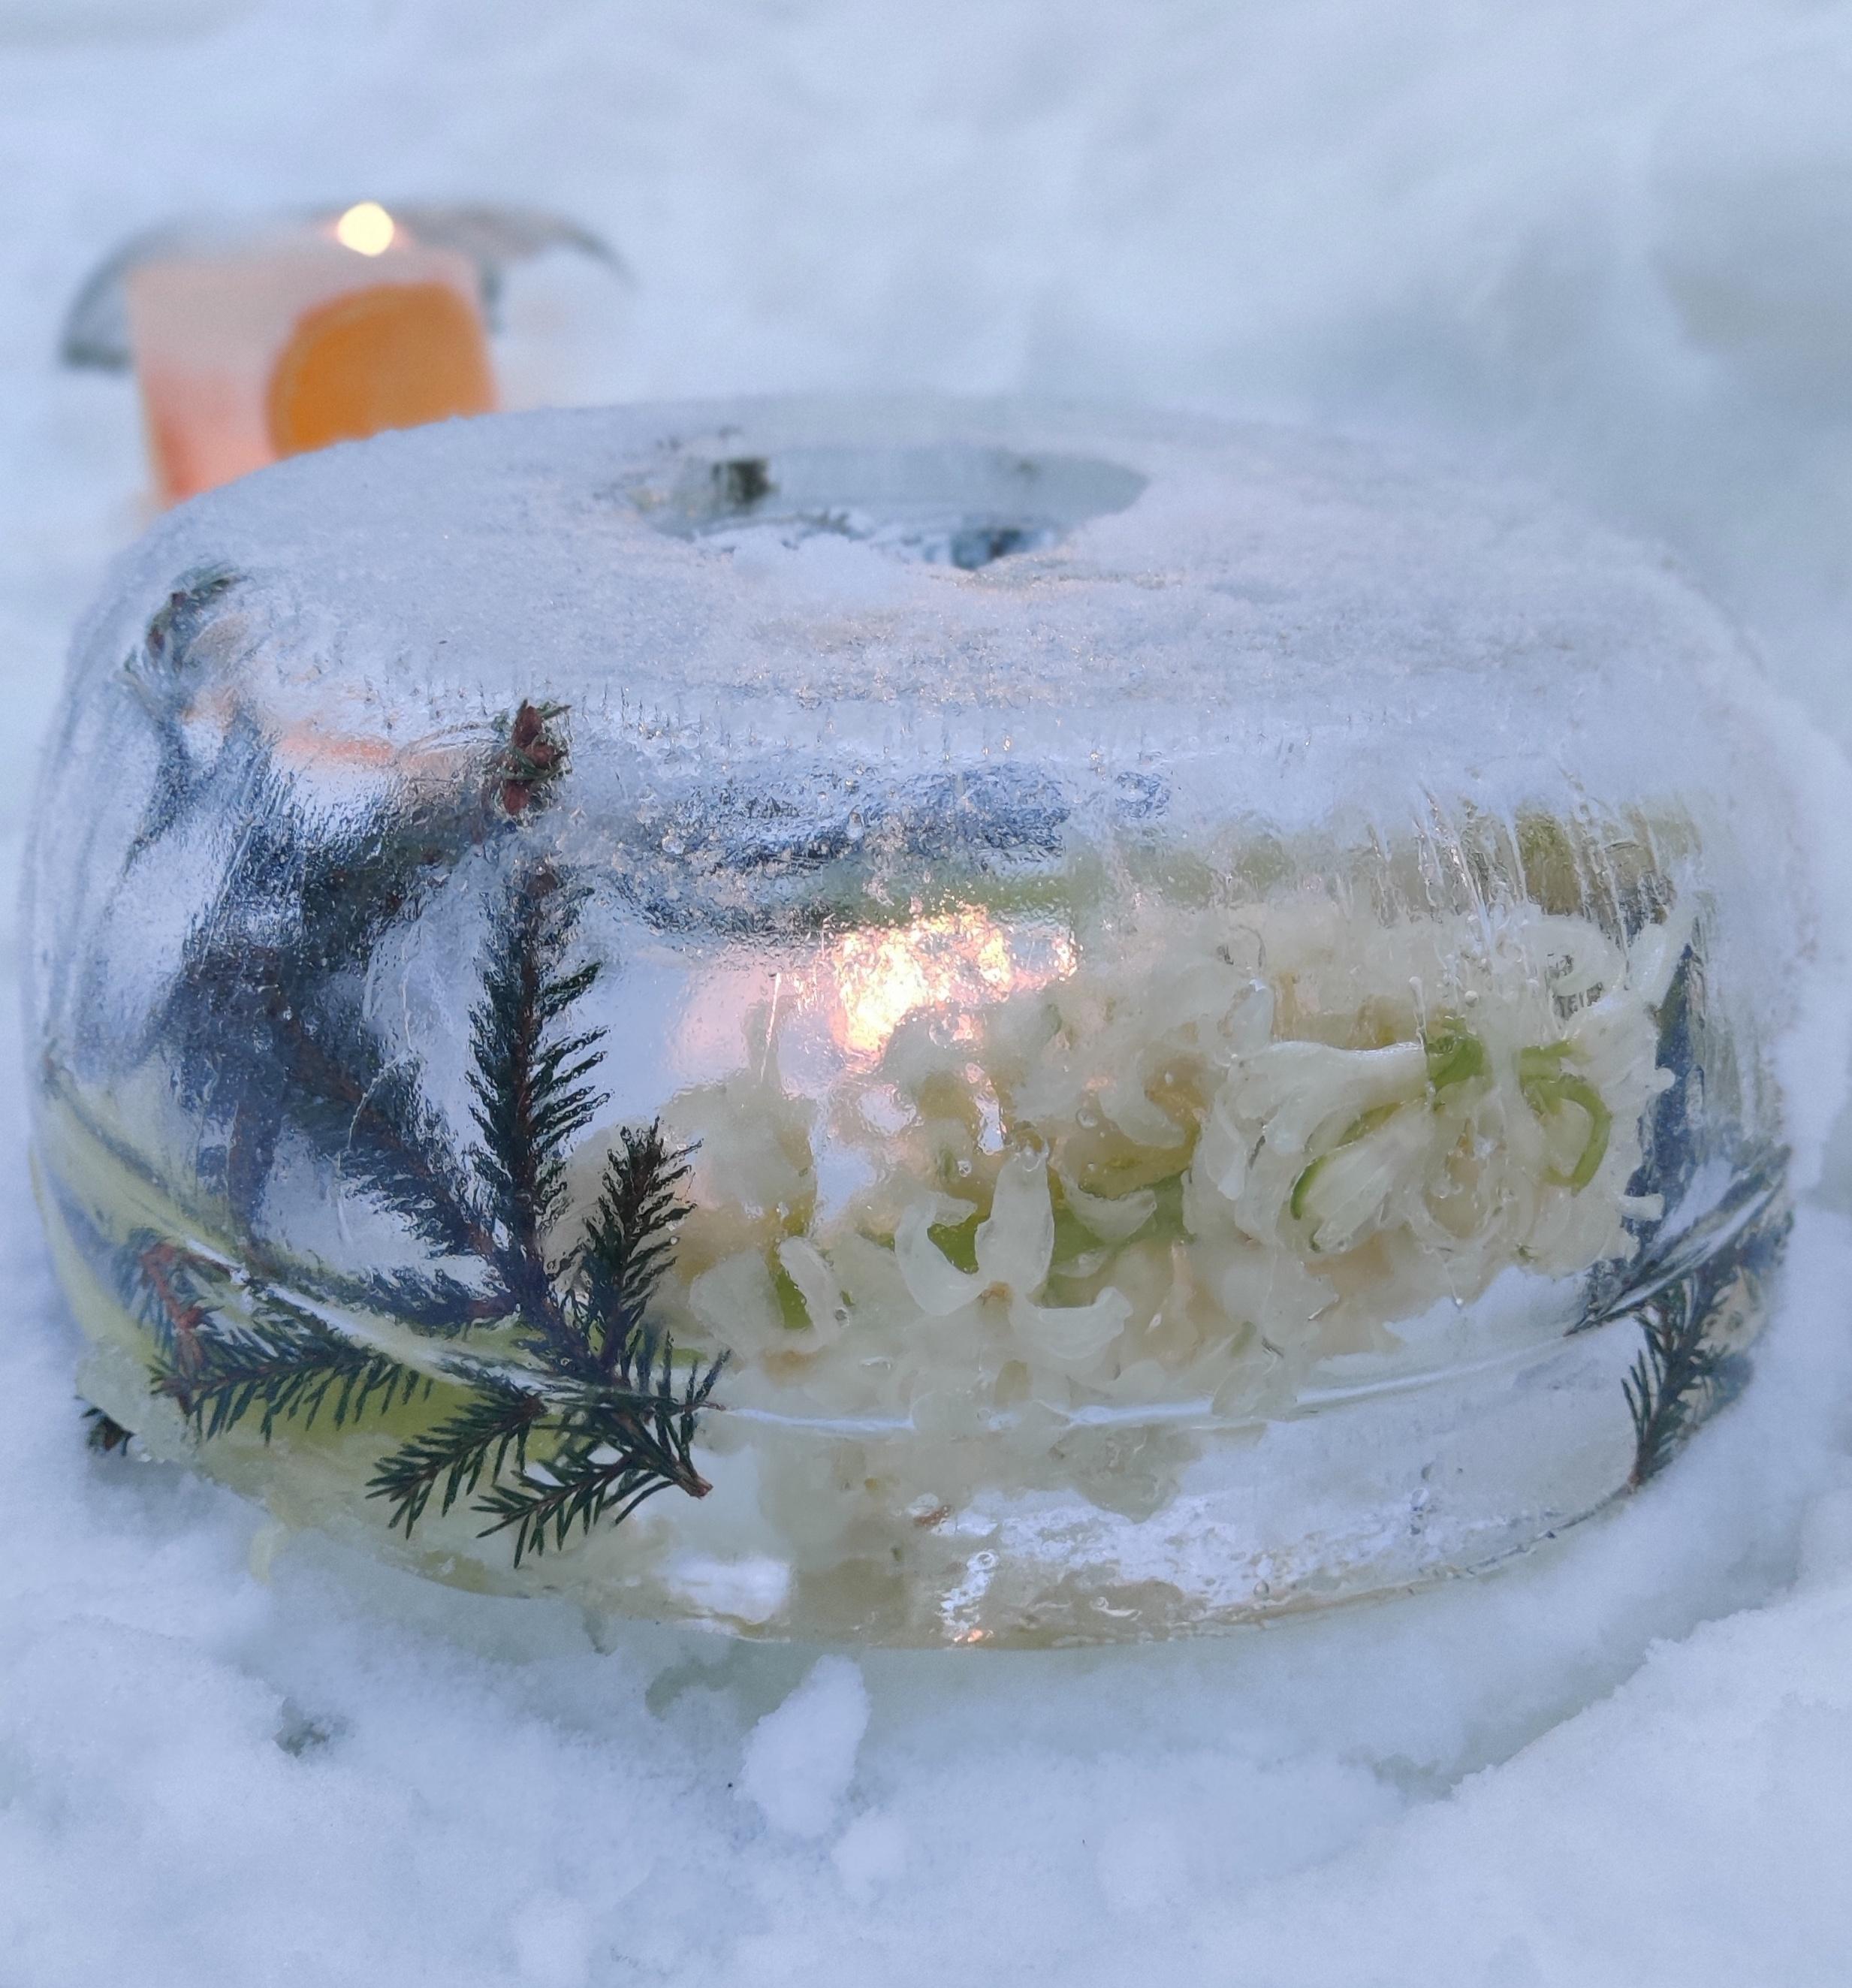 koristellut jäälyhdyt